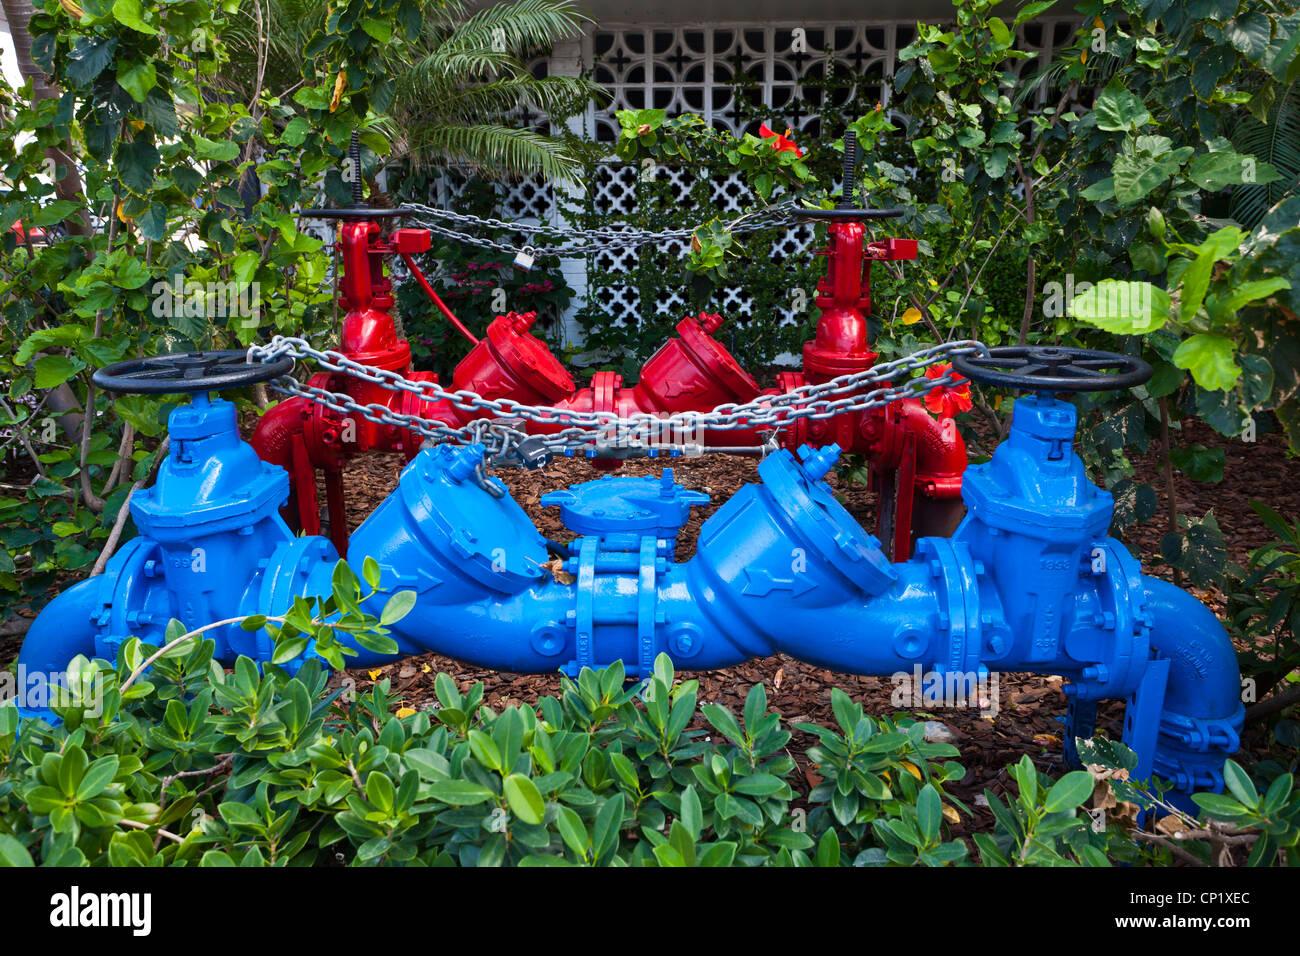 Un rosso e blu engineering tubo montante con acqua valvole su Ocean Drive in Miami Beach, Florida, Stati Uniti d'America. Immagini Stock